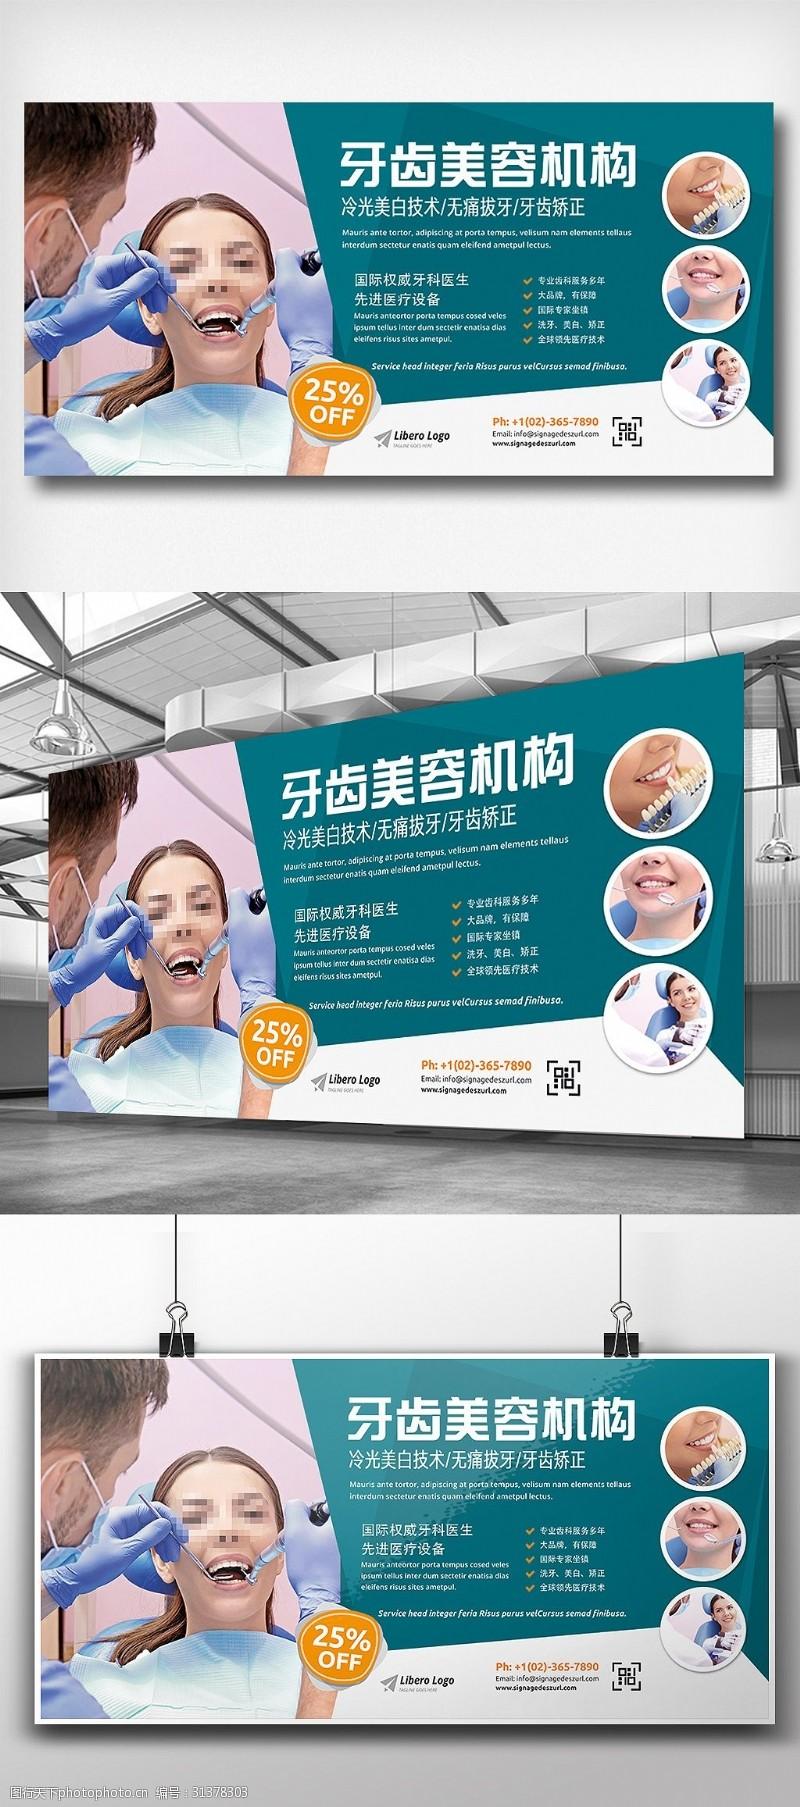 牙齒美容機構企業展板設計